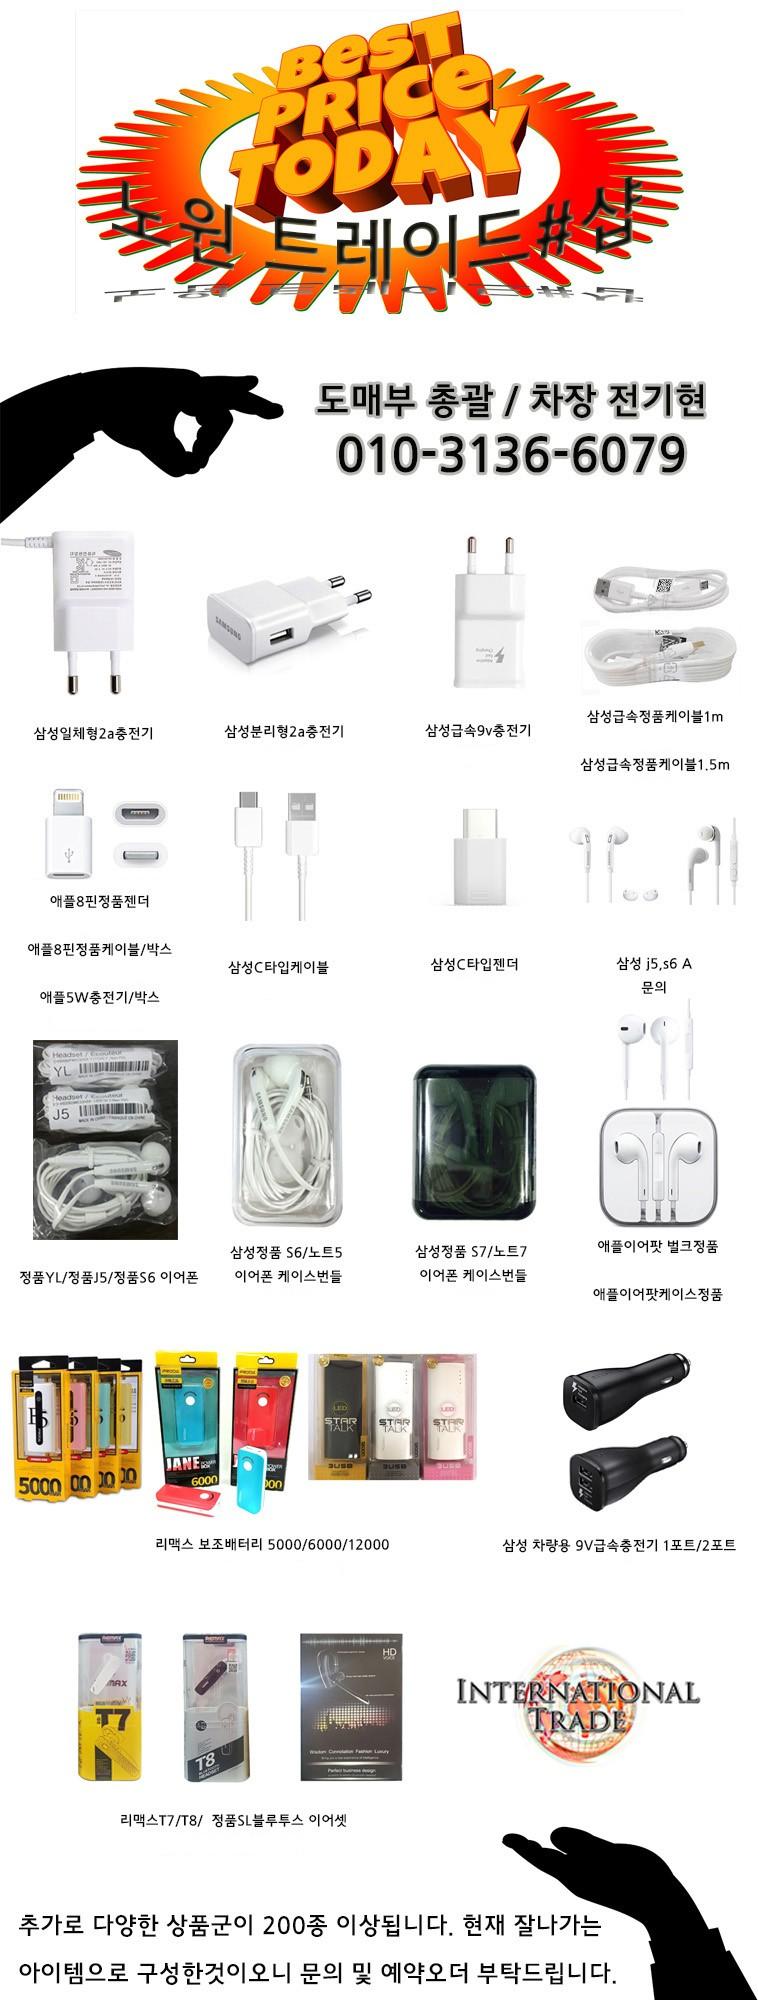 삼성정품 충전기,이어팟,케이블 등 각종정품악세사리 도매최저가로 공급해드립니다.